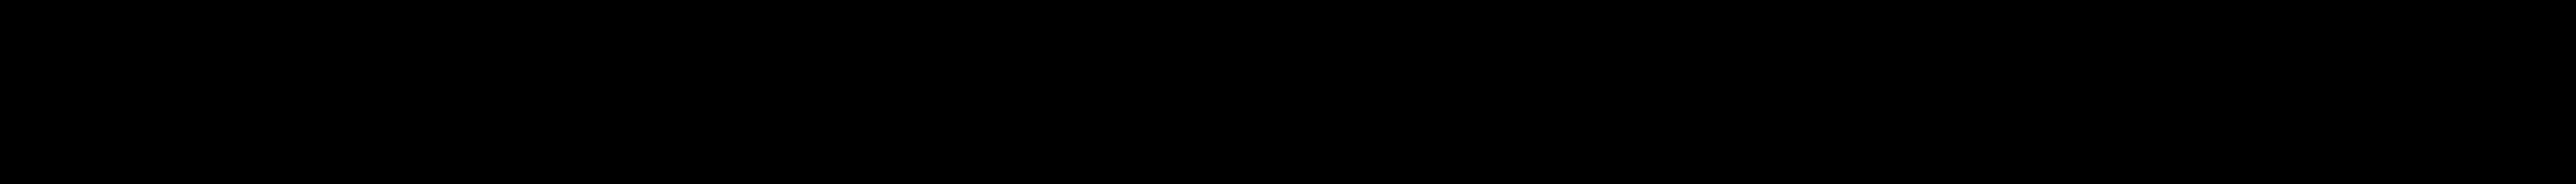 Eterea Calligraphic Caps Italic